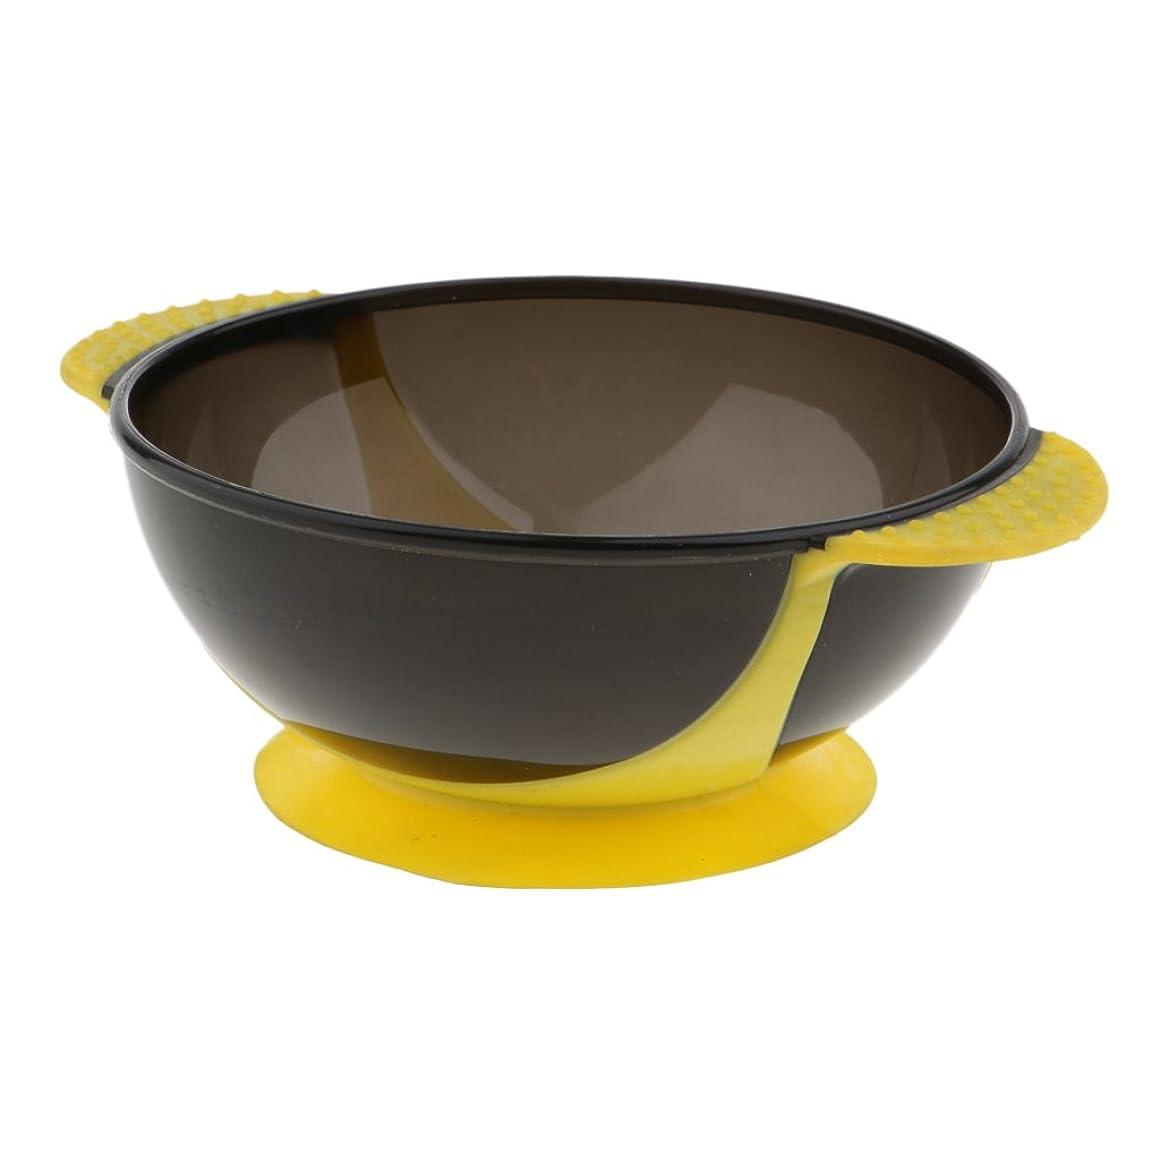 でも気絶させる器用ヘアダイボウル 髪染めボウル ヘアカラー ヘアカラーカップ 着色ツール 吸引ベース 実用性 全3色 - 黄